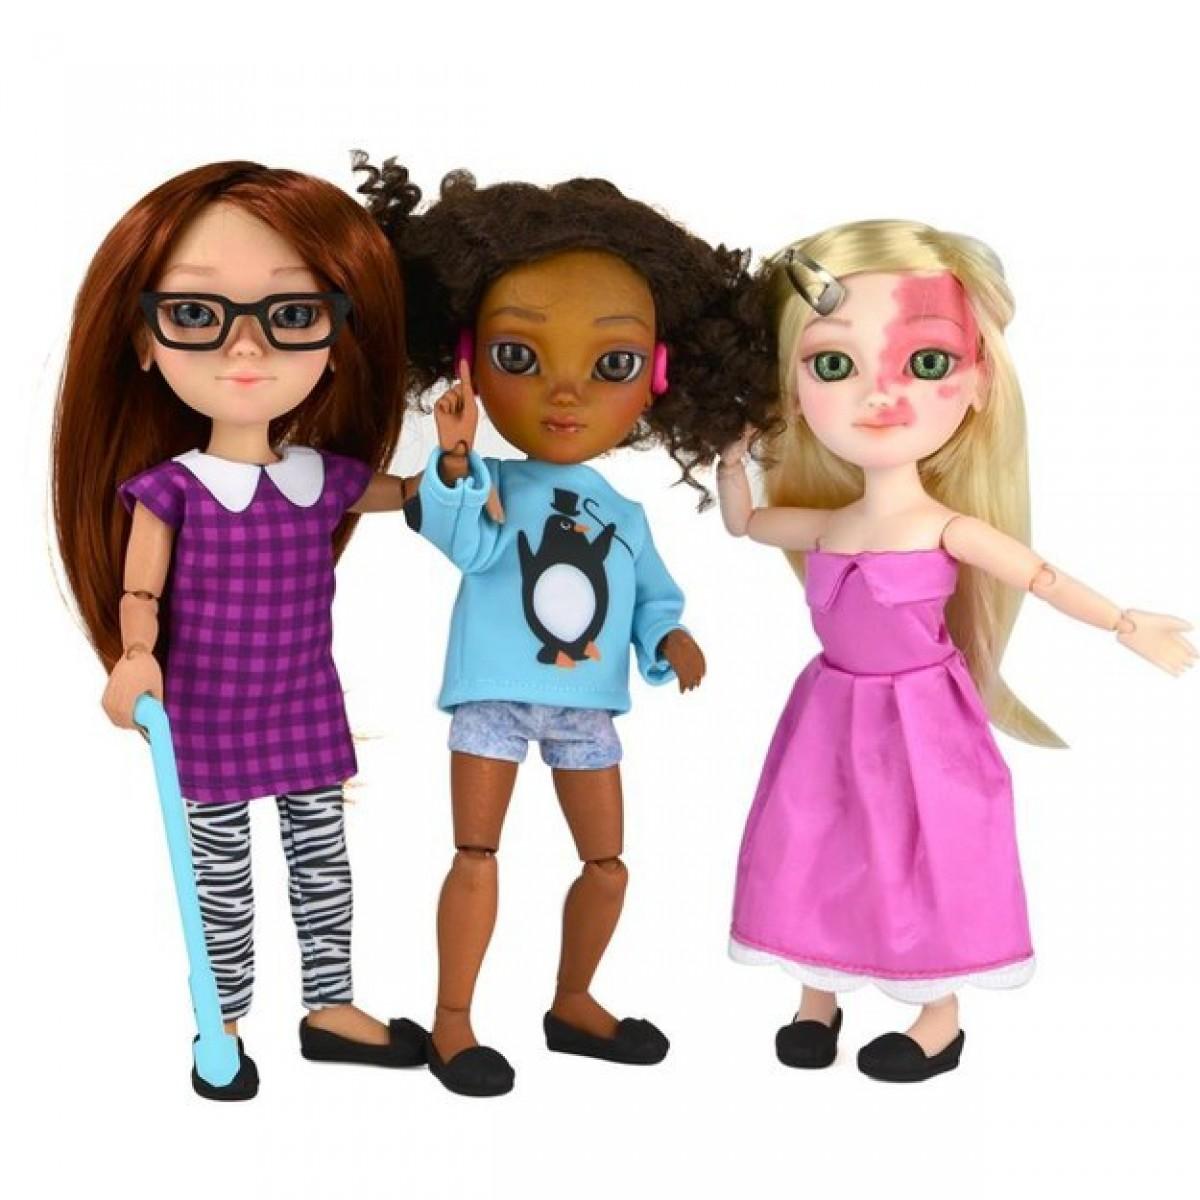 Αυτή η εταιρεία φτιάχνει κούκλες με αναπηρίες